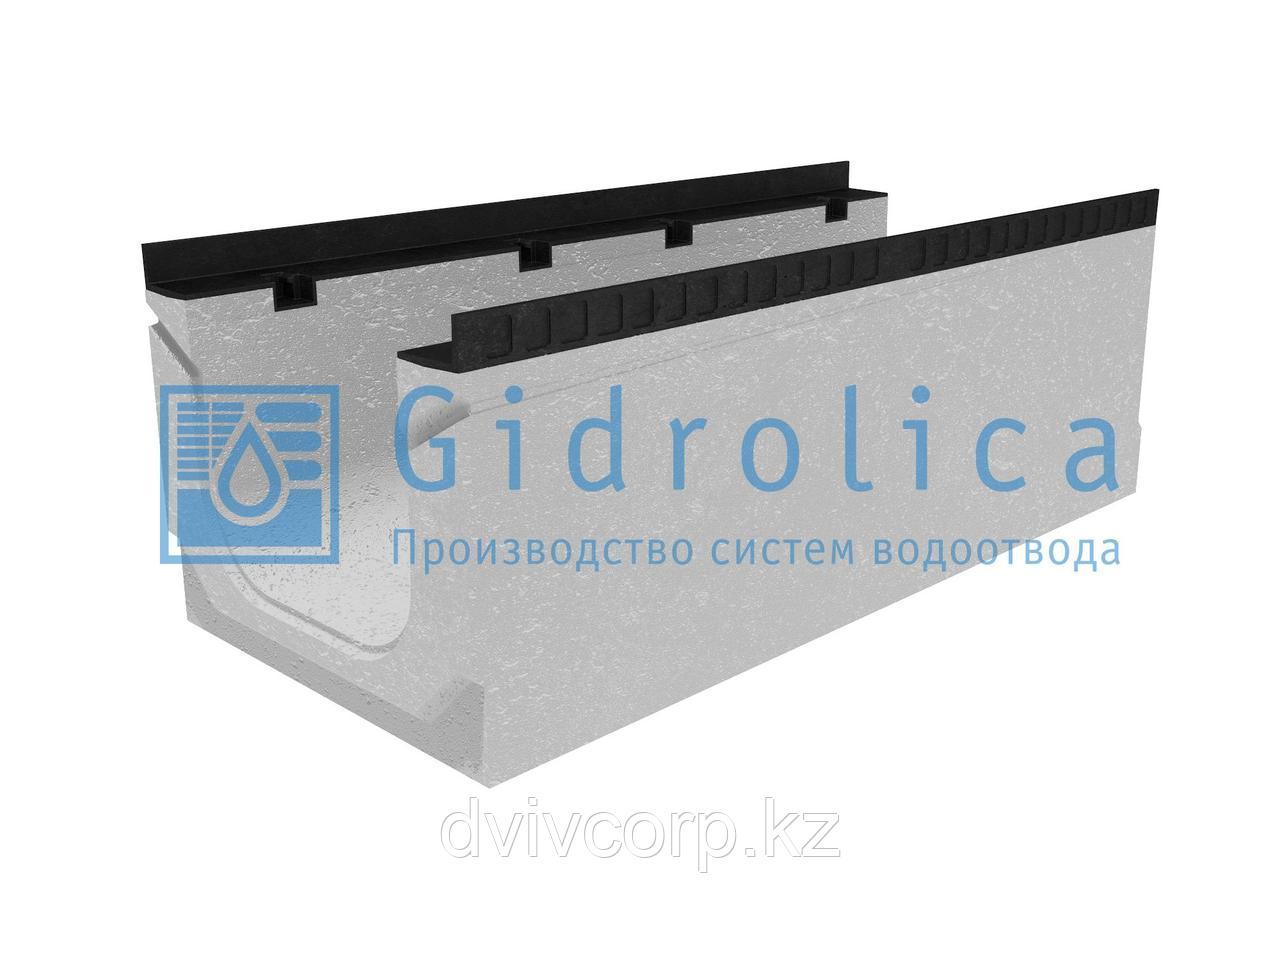 Лоток водоотводный бетонный коробчатый (СО-300мм), с уклоном 0,5%  КПу 100.44(30).36,5(29,5) - BGМ-F, № 11